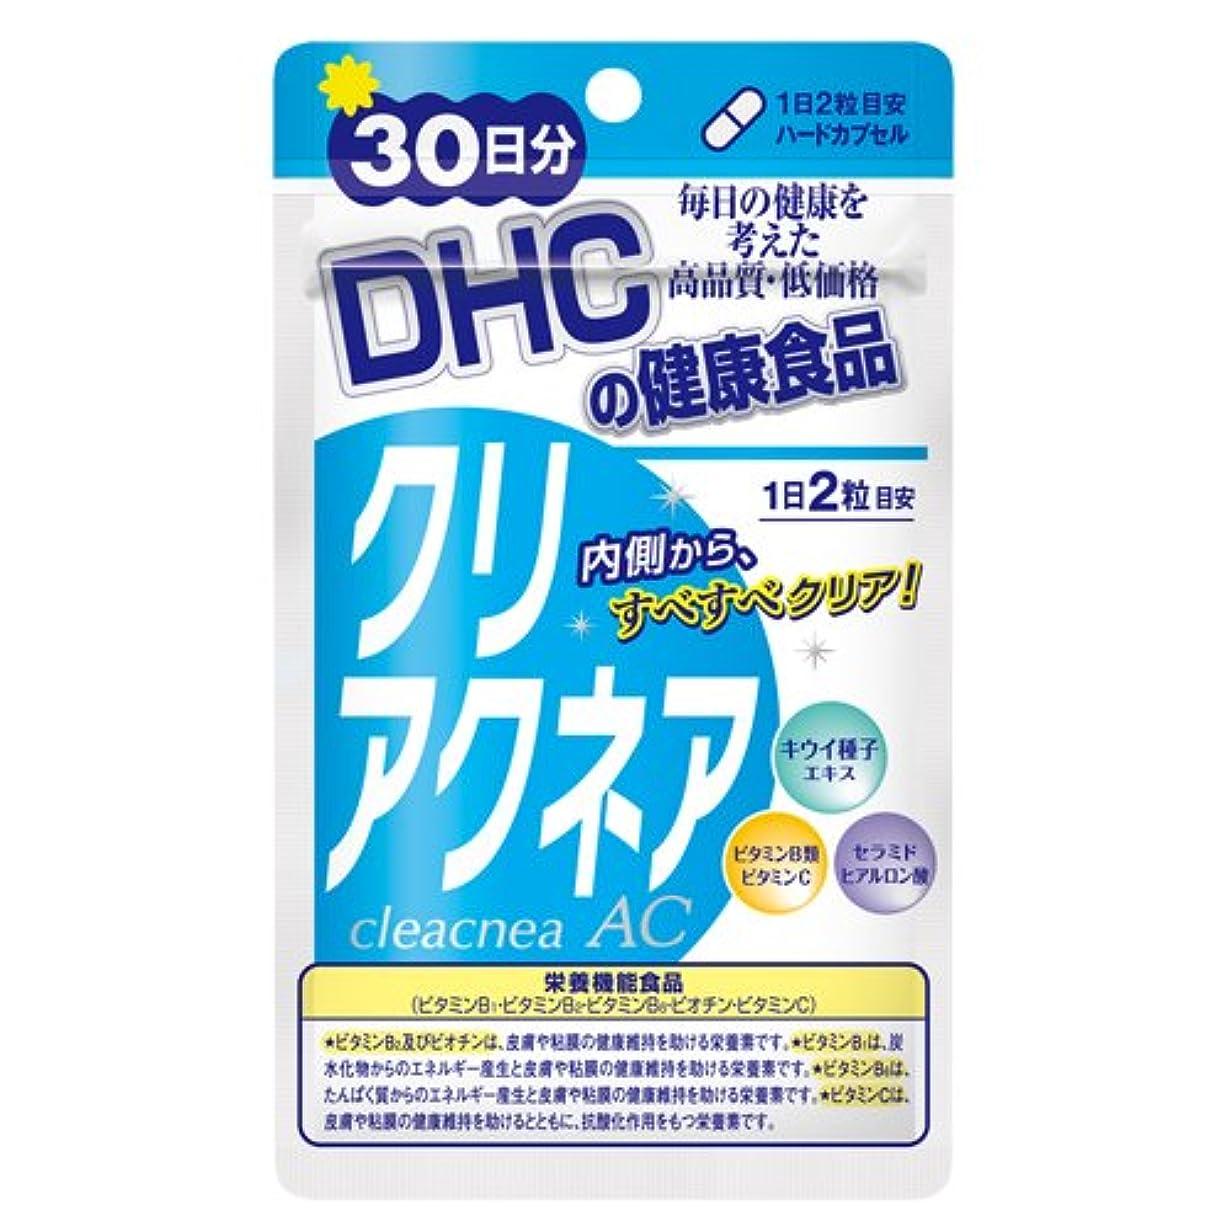 おとこホステル退屈クリアクネア 30日分【栄養機能食品(ビタミンB1?ビタミンB2?ビタミンB6?ビオチン?ビタミンC)】